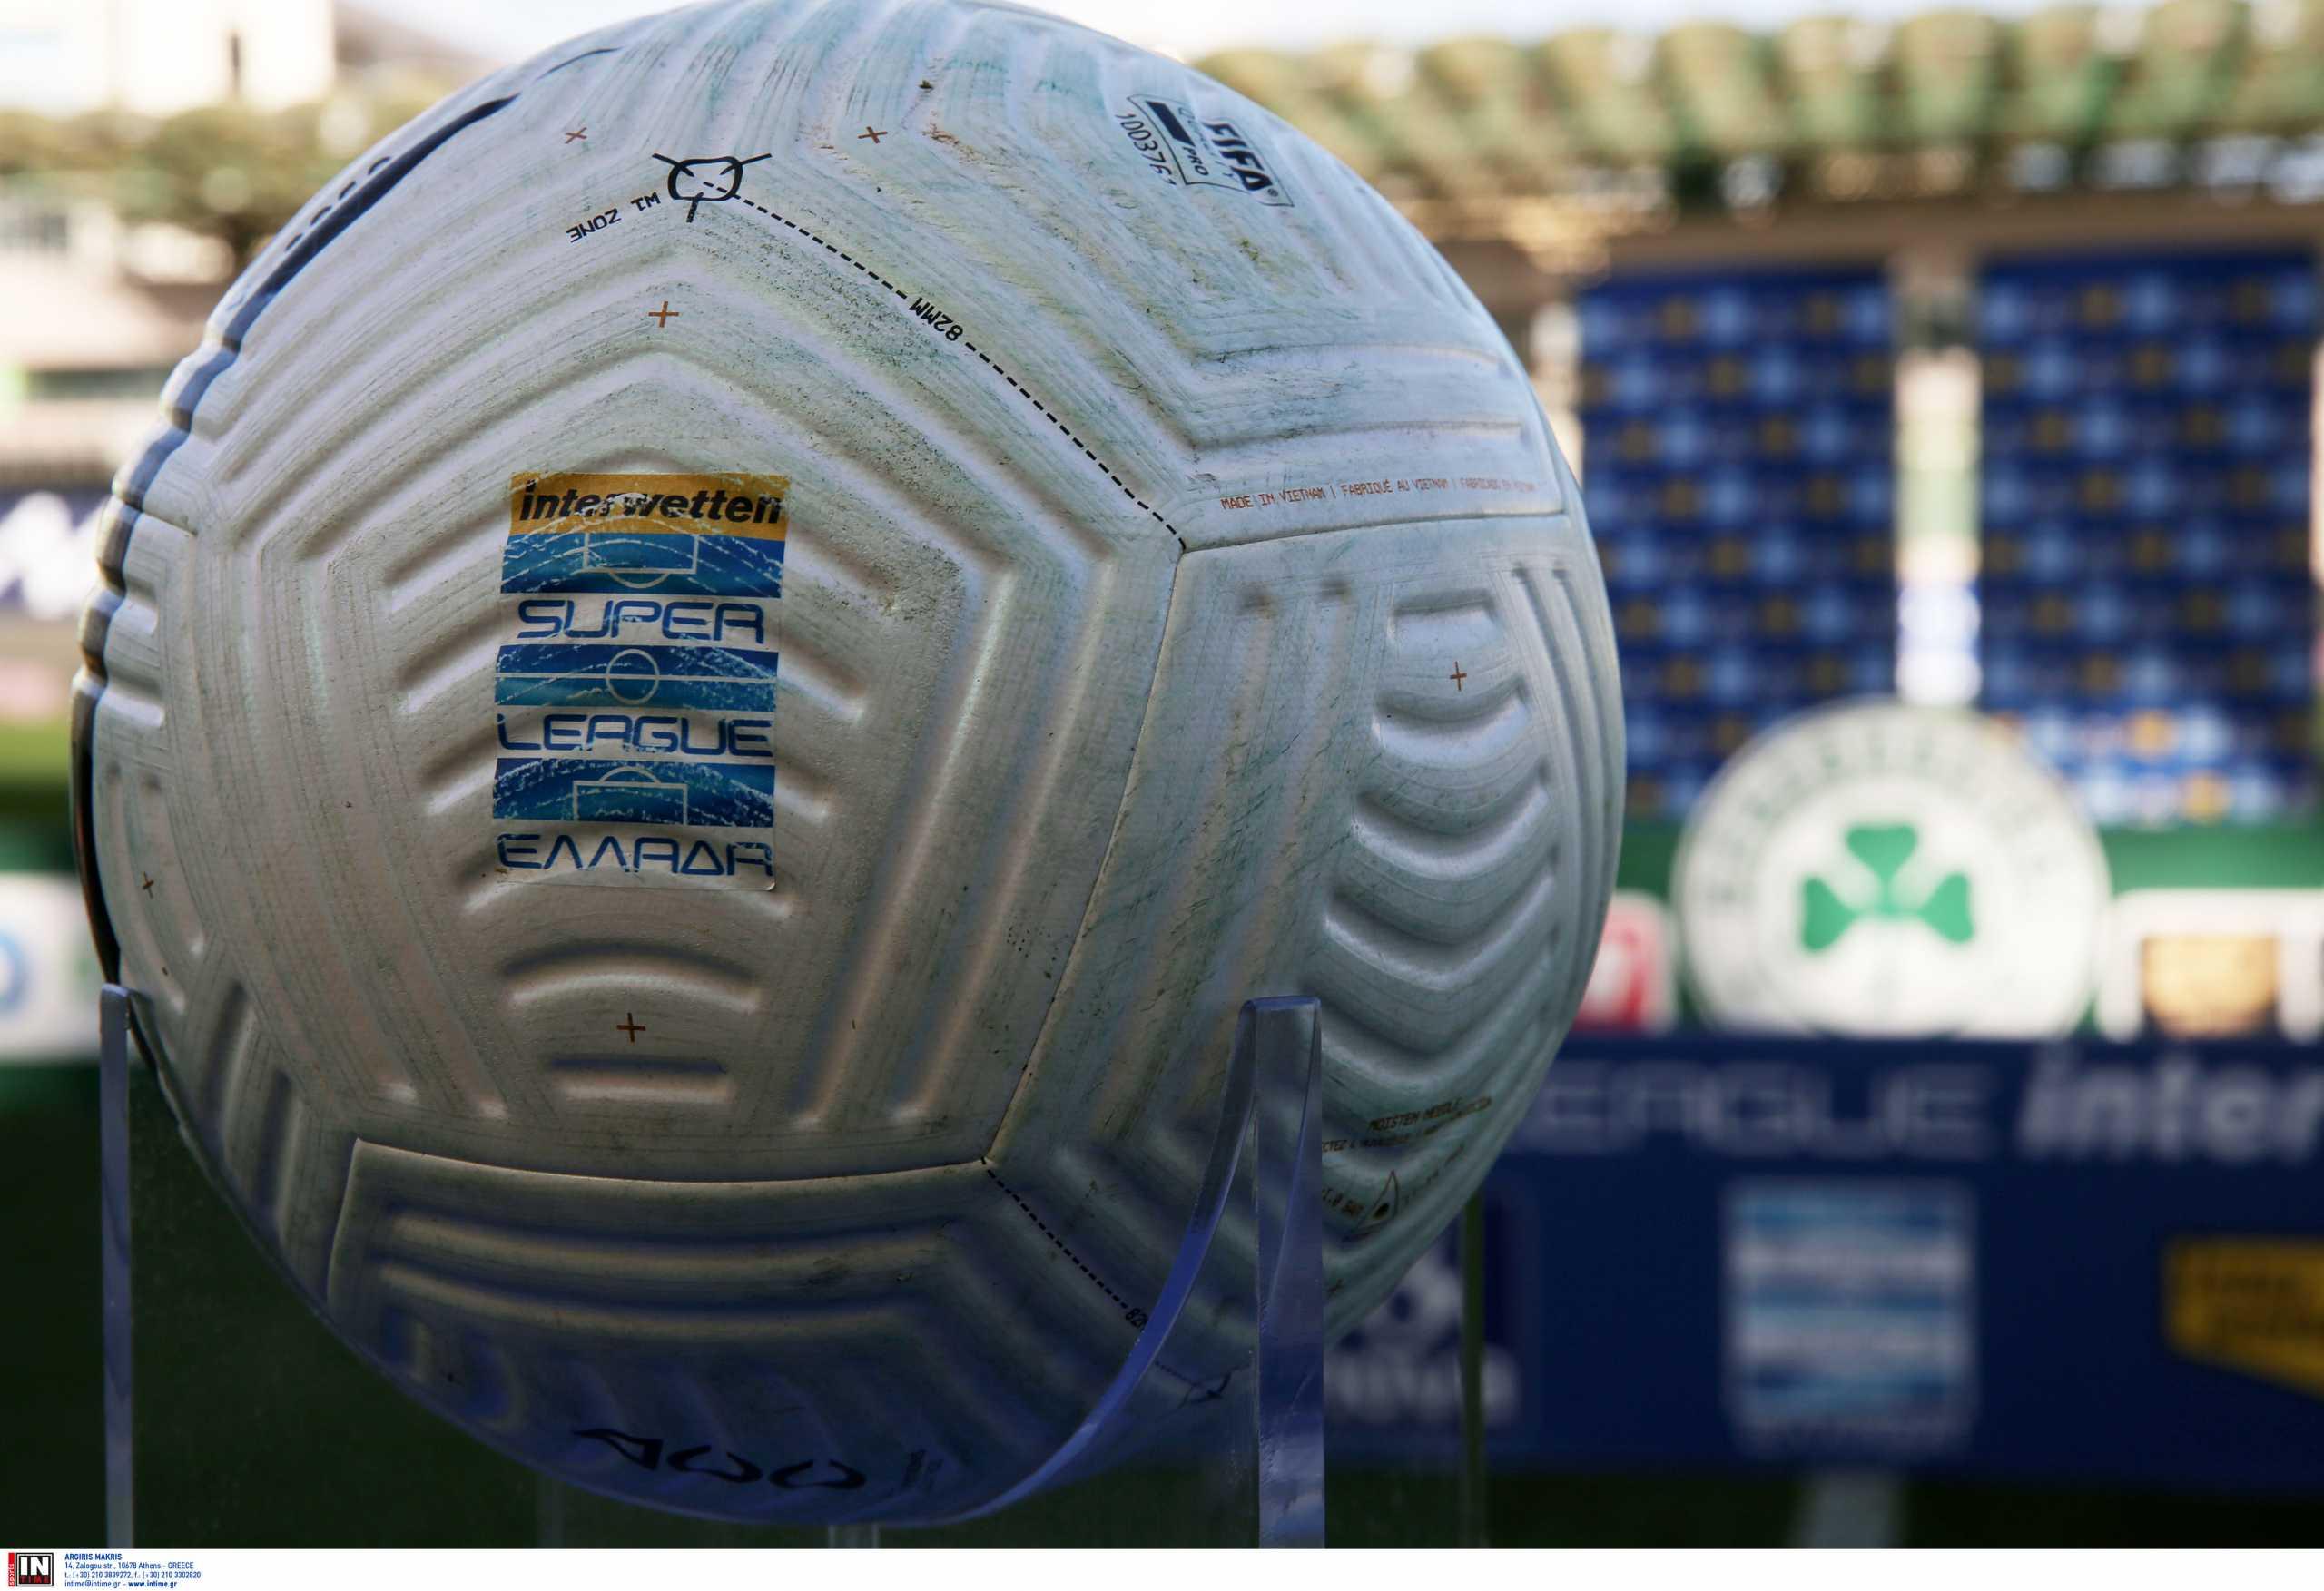 Αθλητικές μεταδόσεις με ΠΑΟΚ – Άρης, ντέρμπι σε Μάντσεστερ και Μαδρίτη και All Star Game